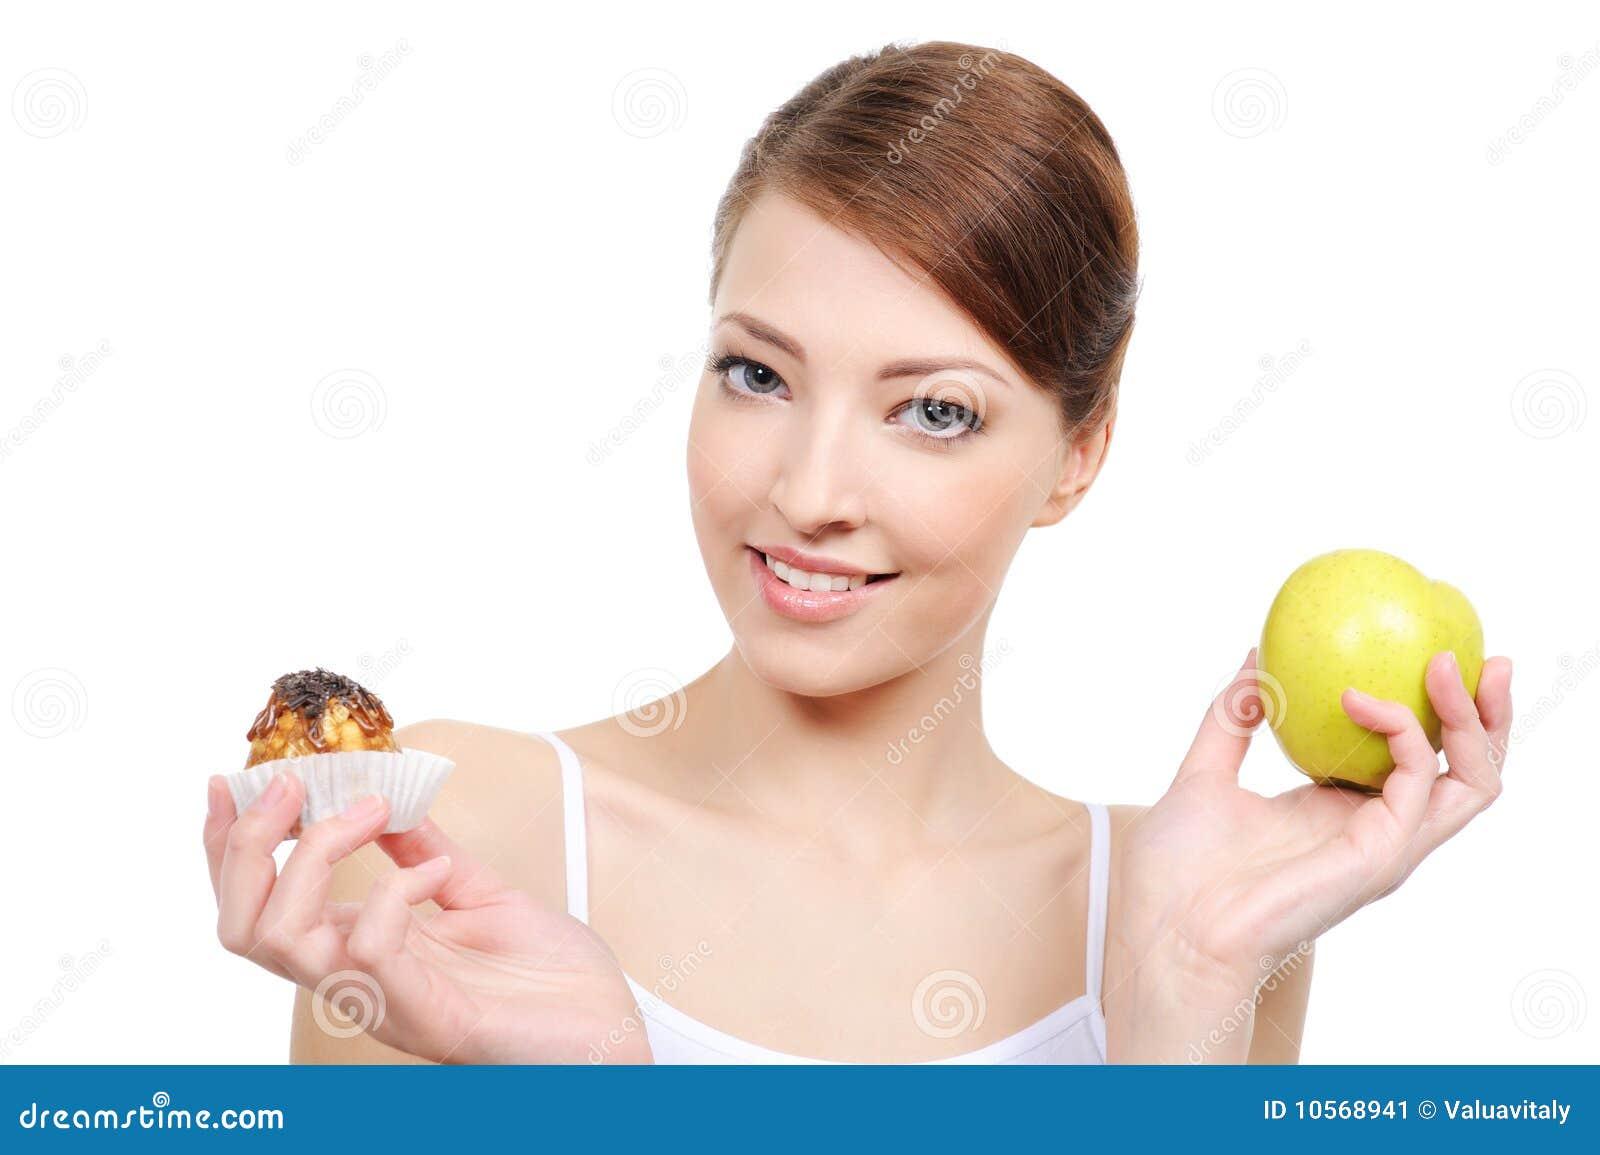 Dulces y alimento sano